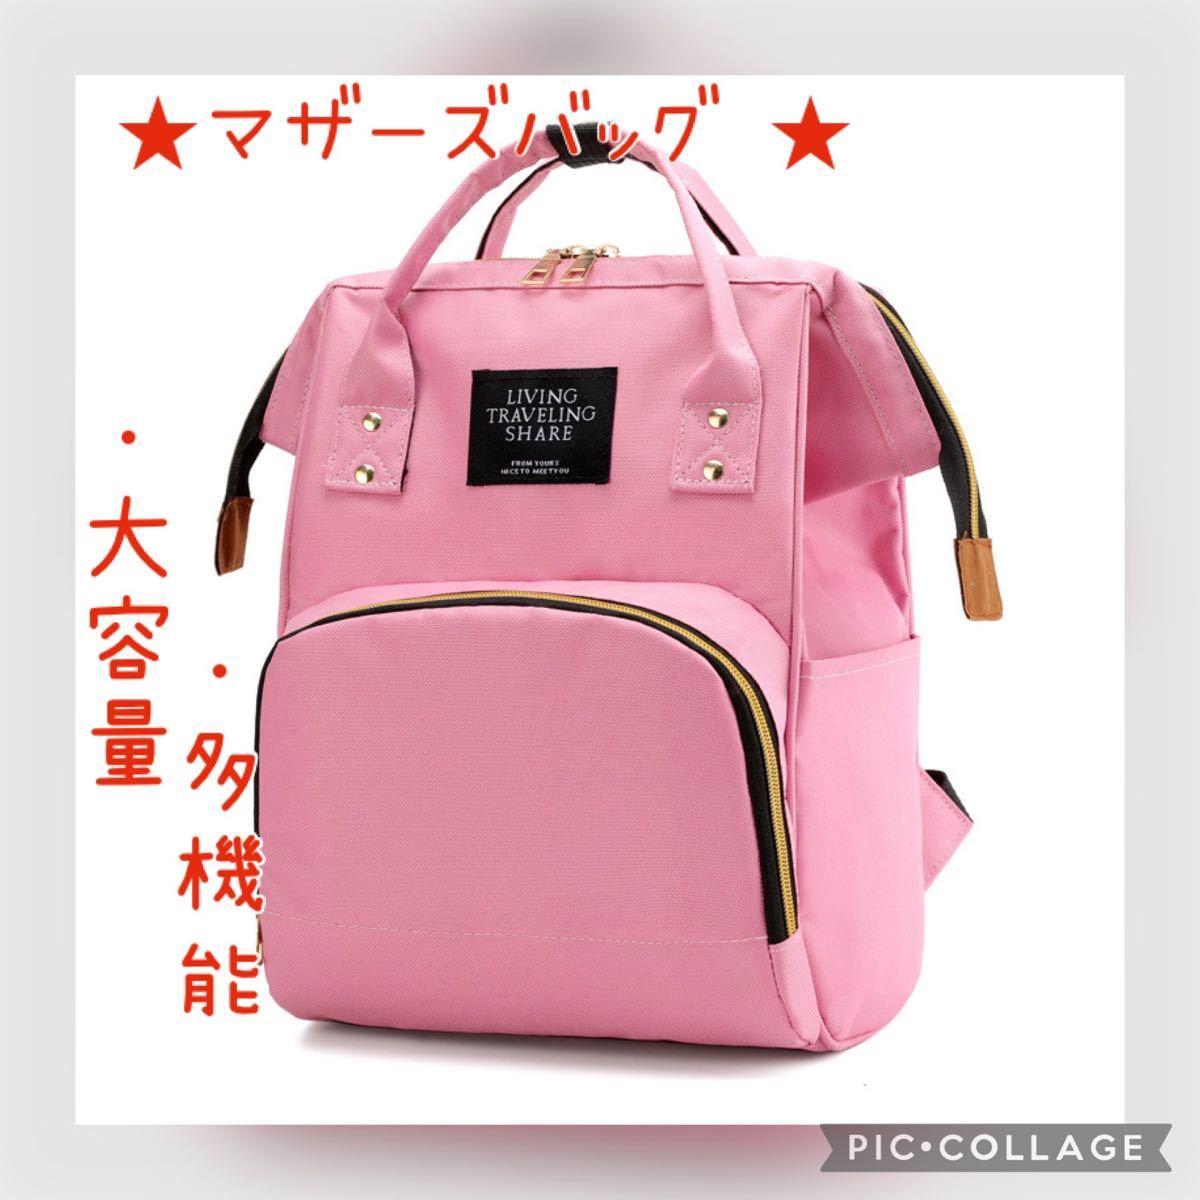 【新品・送料無料】マザーズバッグ バックパック リュック ママリュック 大容量